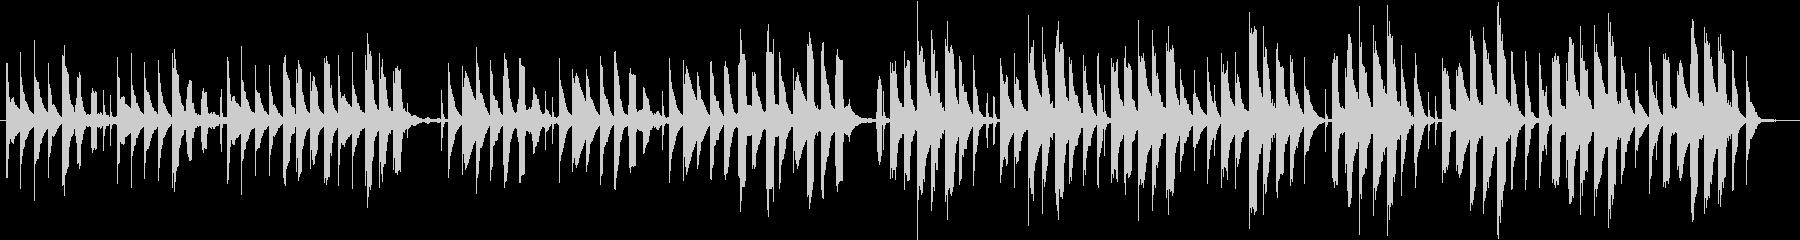 ほのぼのとした場面に使えるシンプルな曲の未再生の波形